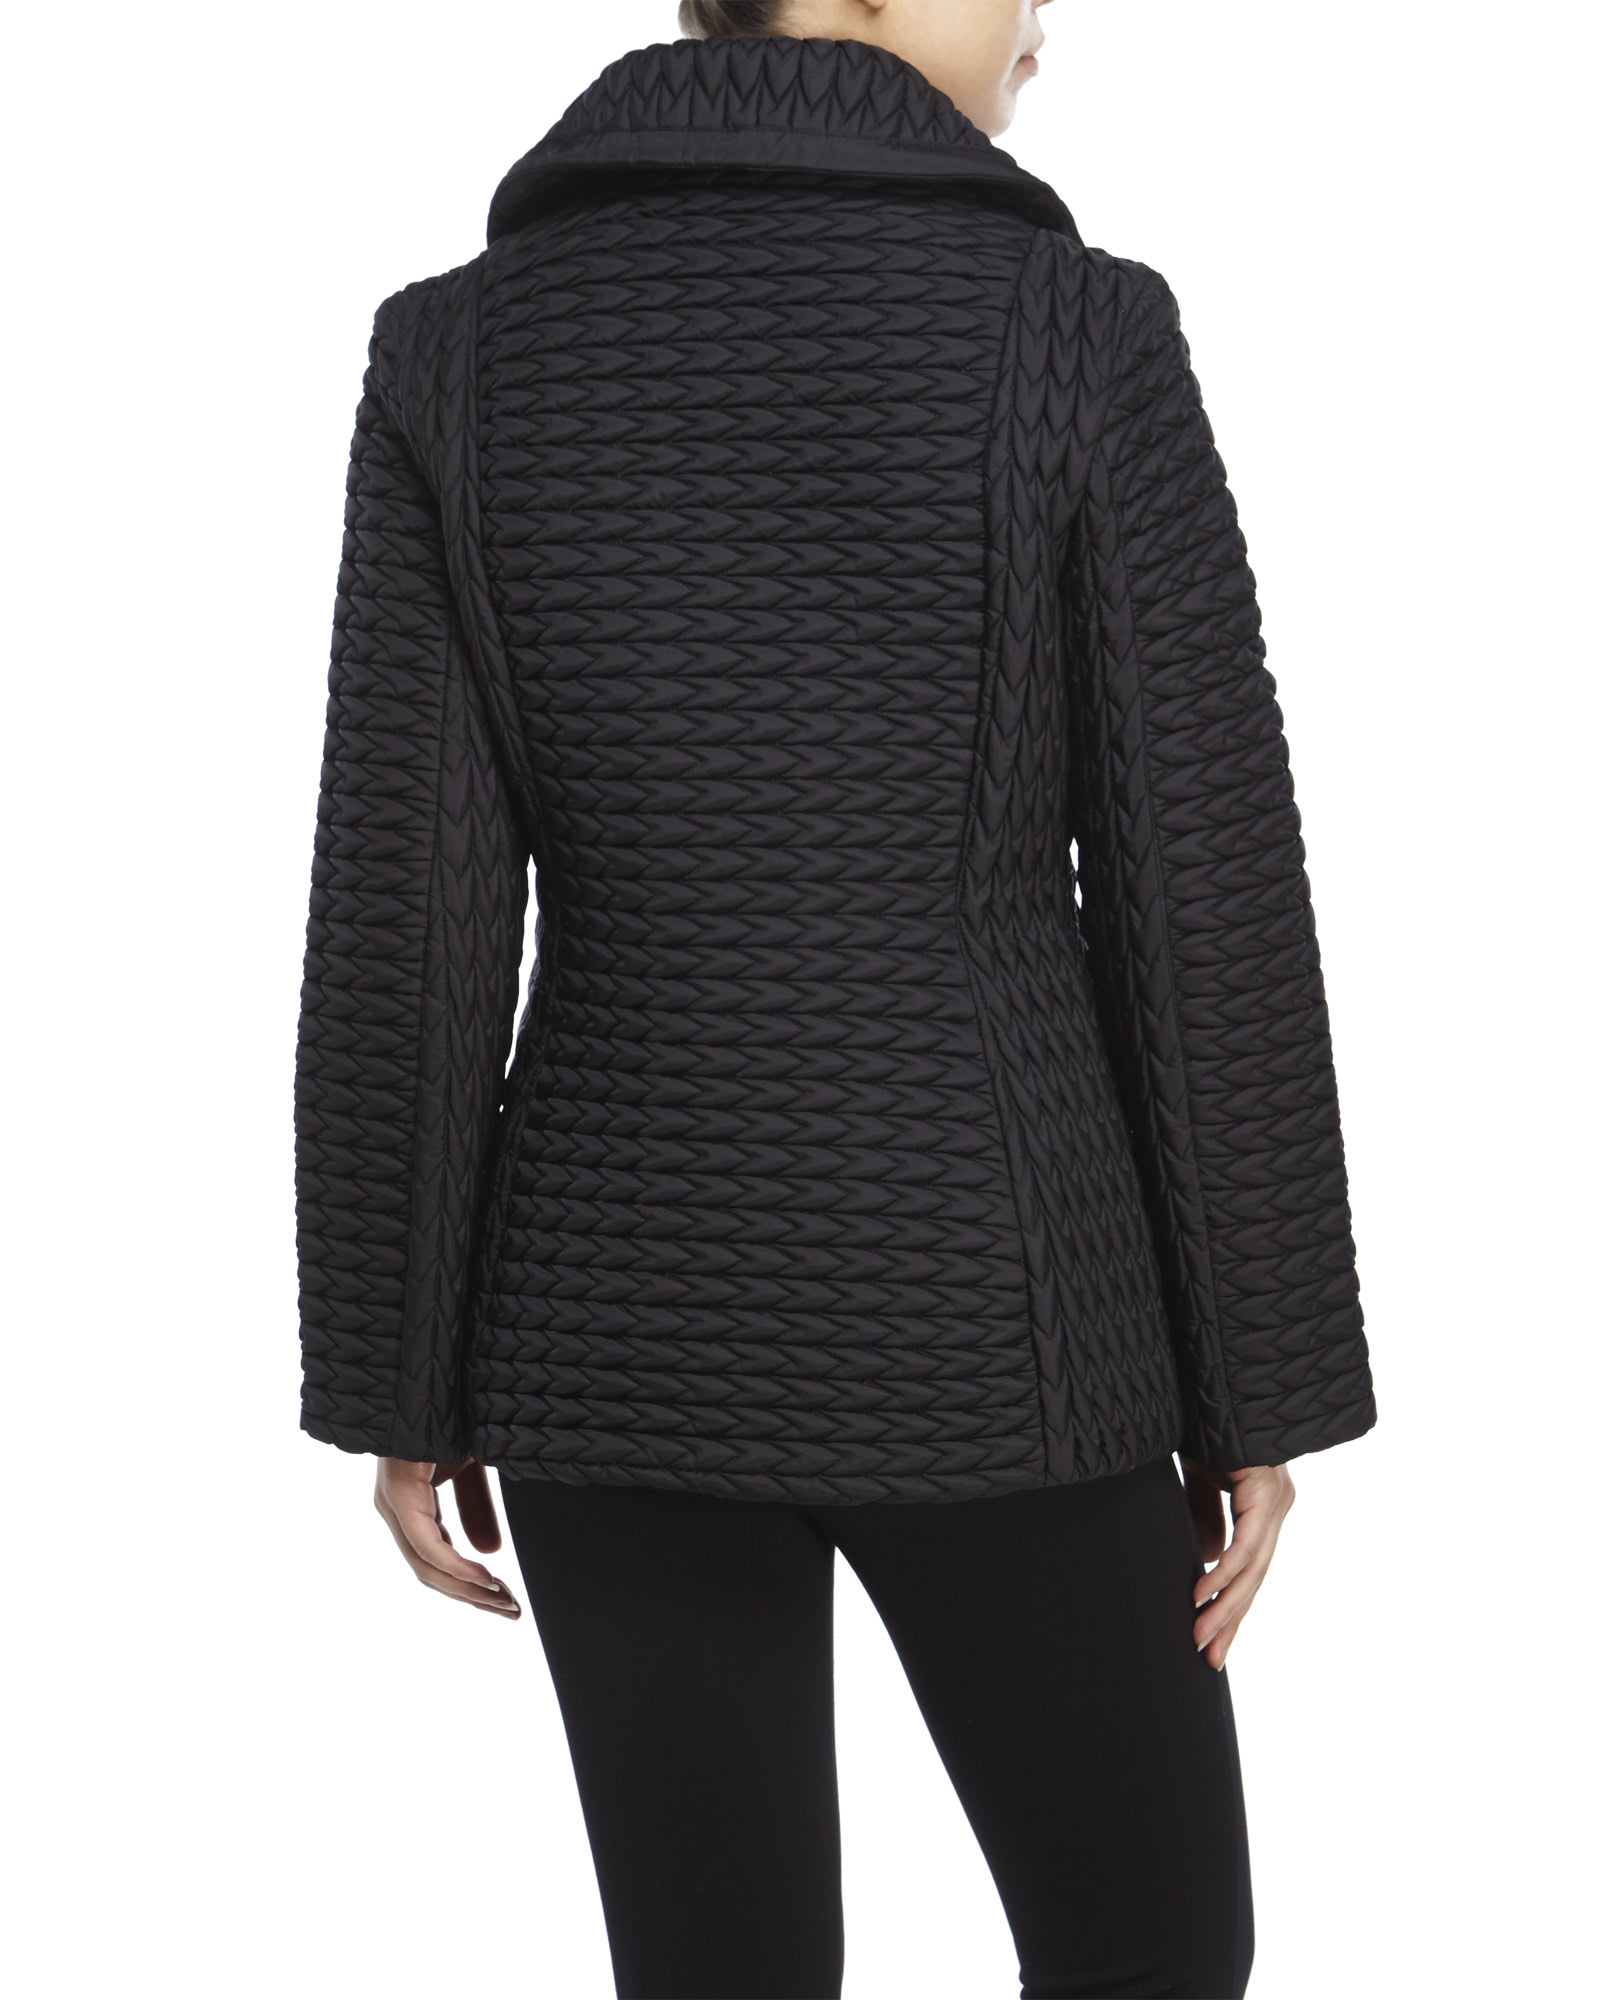 Lyst Anne Klein Popcorn Quilted Jacket In Black